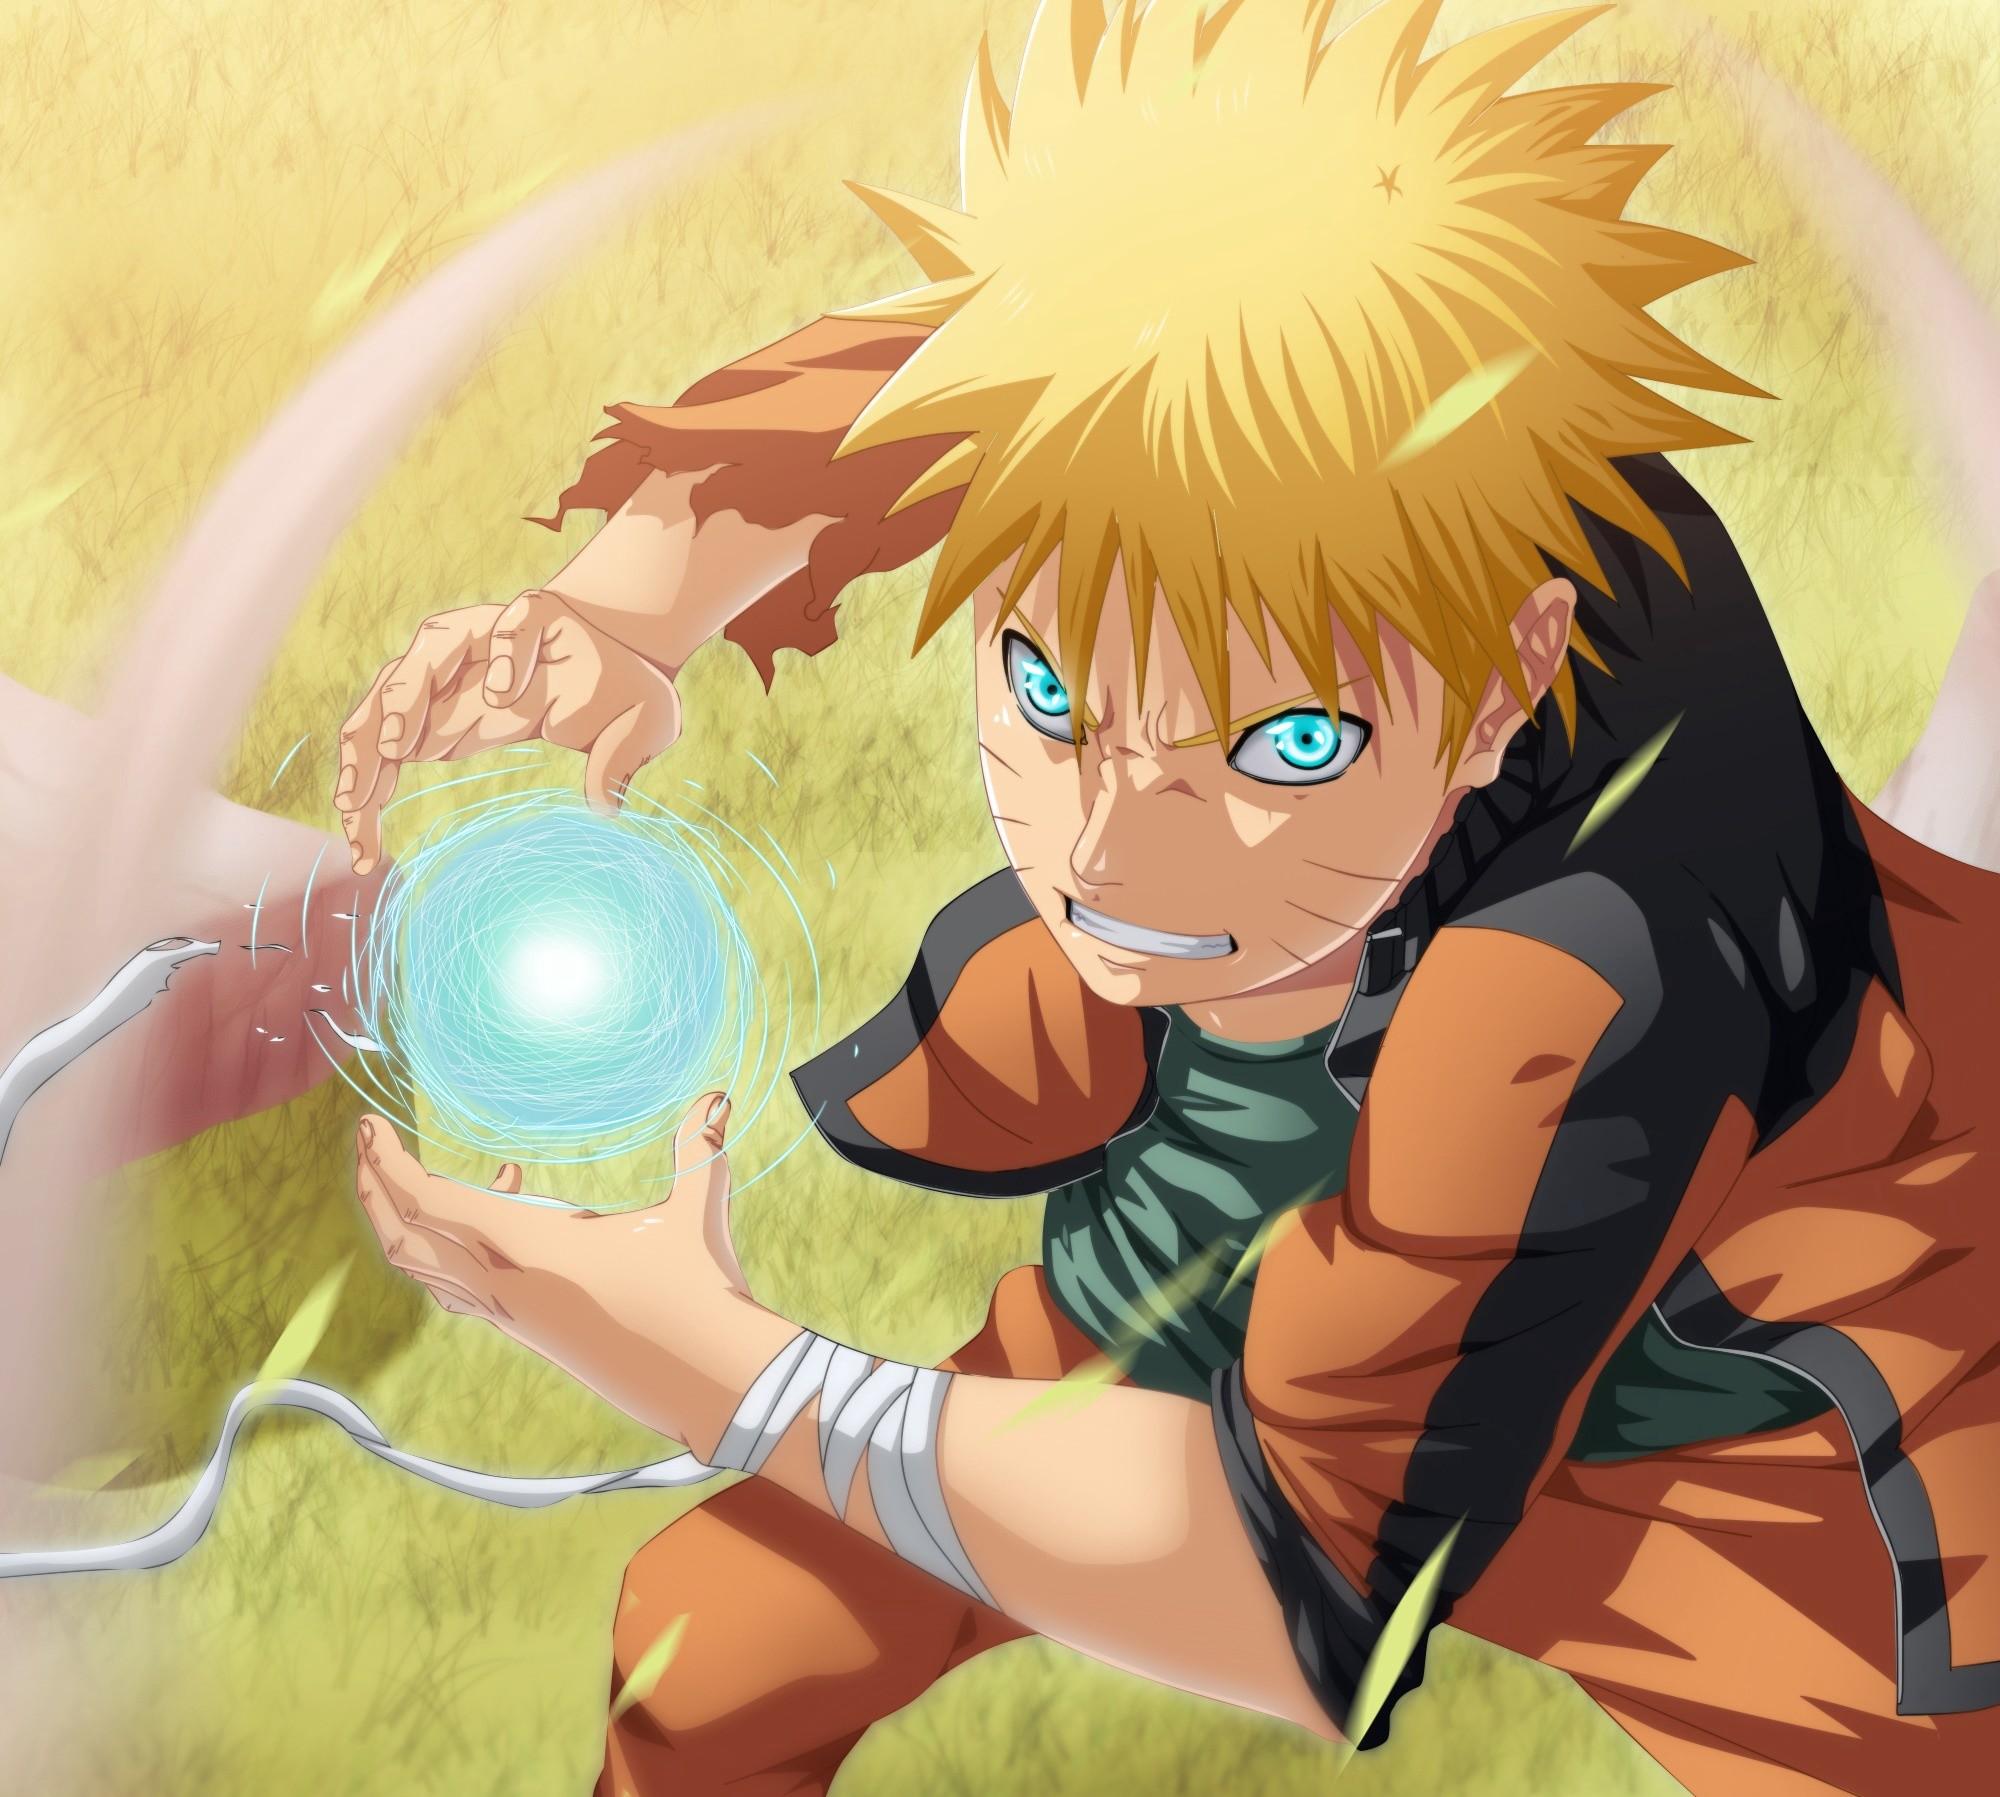 Naruto Rasengan: Naruto Rasengan Wallpaper (52+ Images